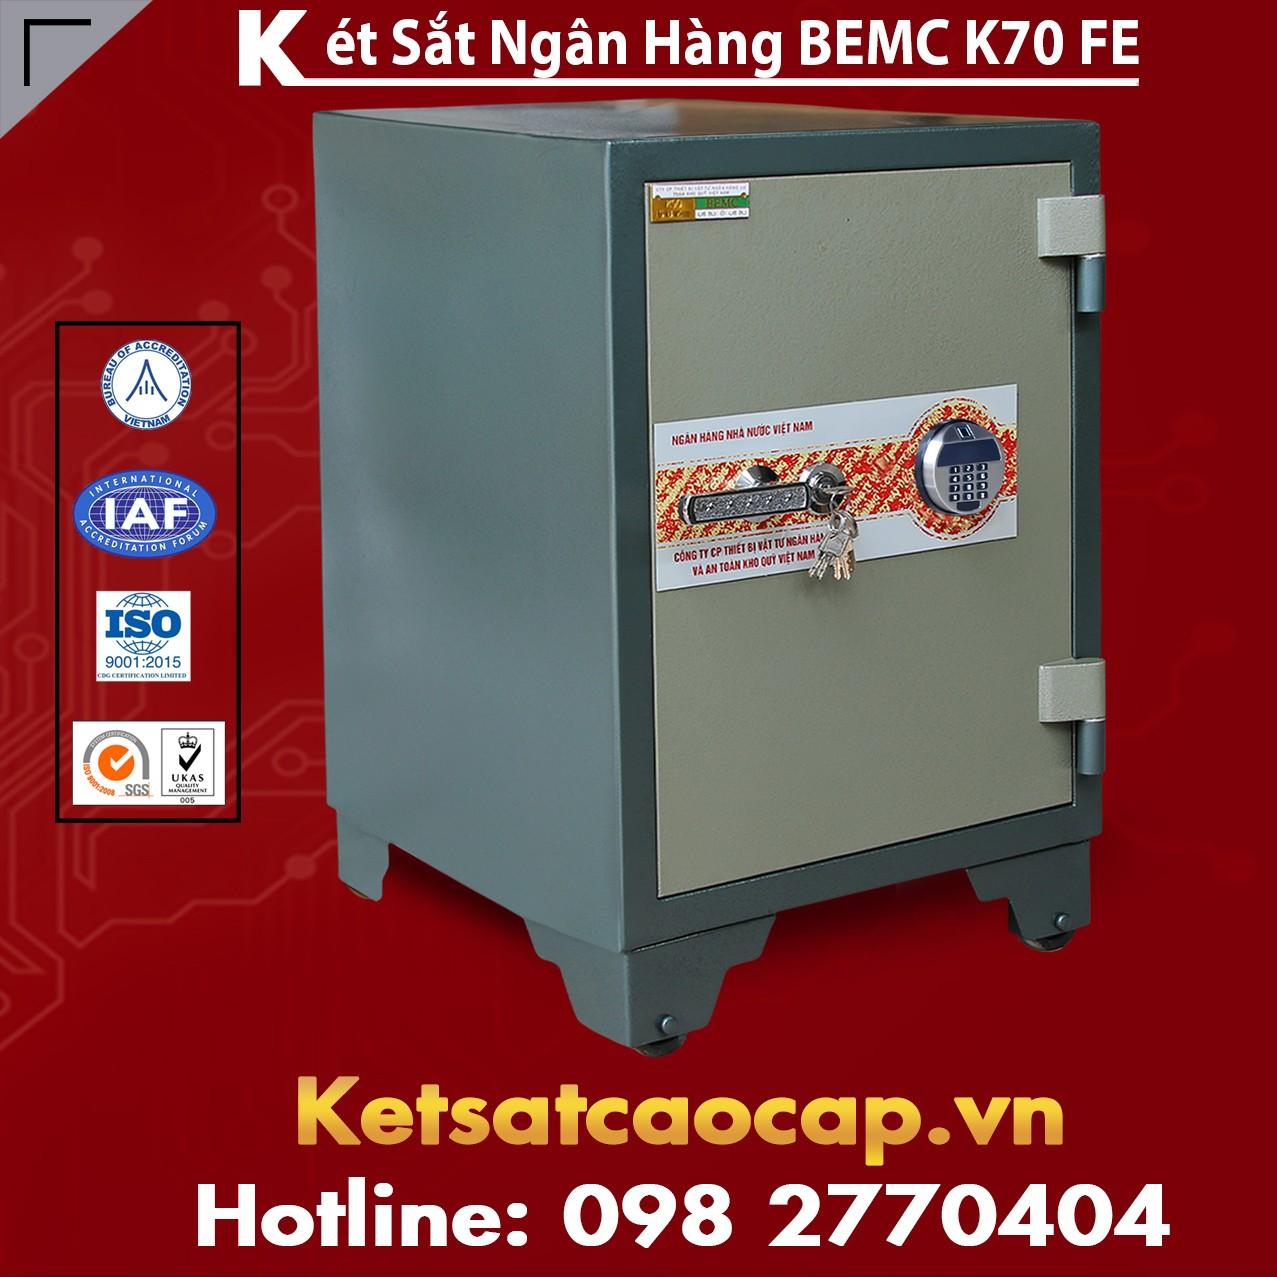 Két Sắt Vân Tay Điện Tử Hàn Quốc BEMC K70 FE Rẻ Nhất tại VN Hiện Nay